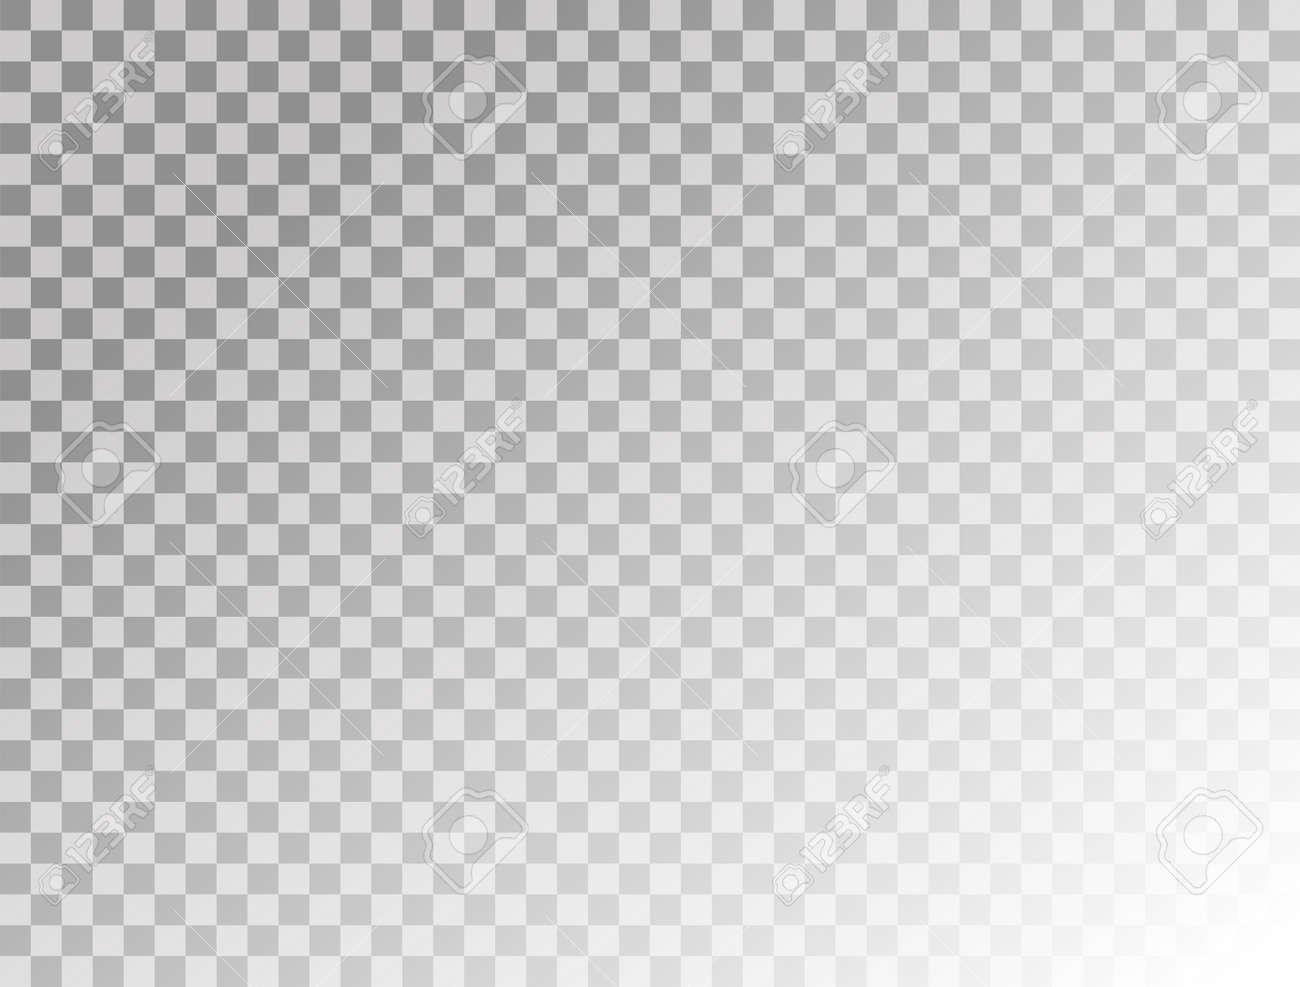 Kachel textur  Quadratische Kachel Weiß Und Grau Textur Transparenz Gitter ...